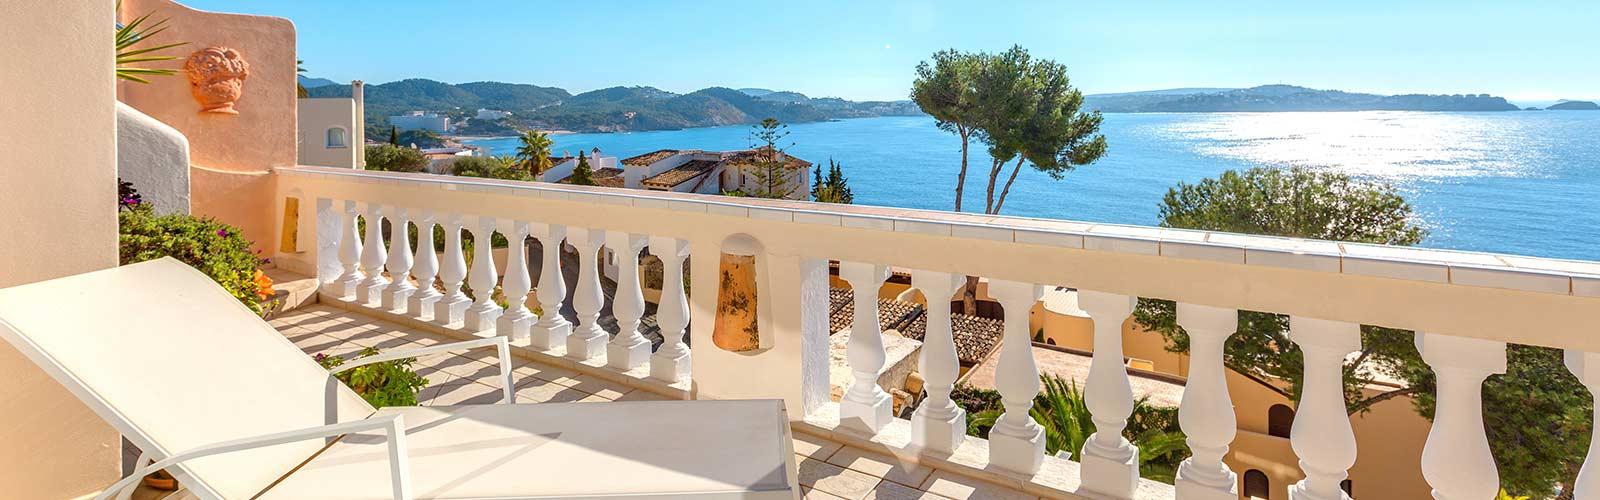 Meerblick vom Balkon auf Mallorca.